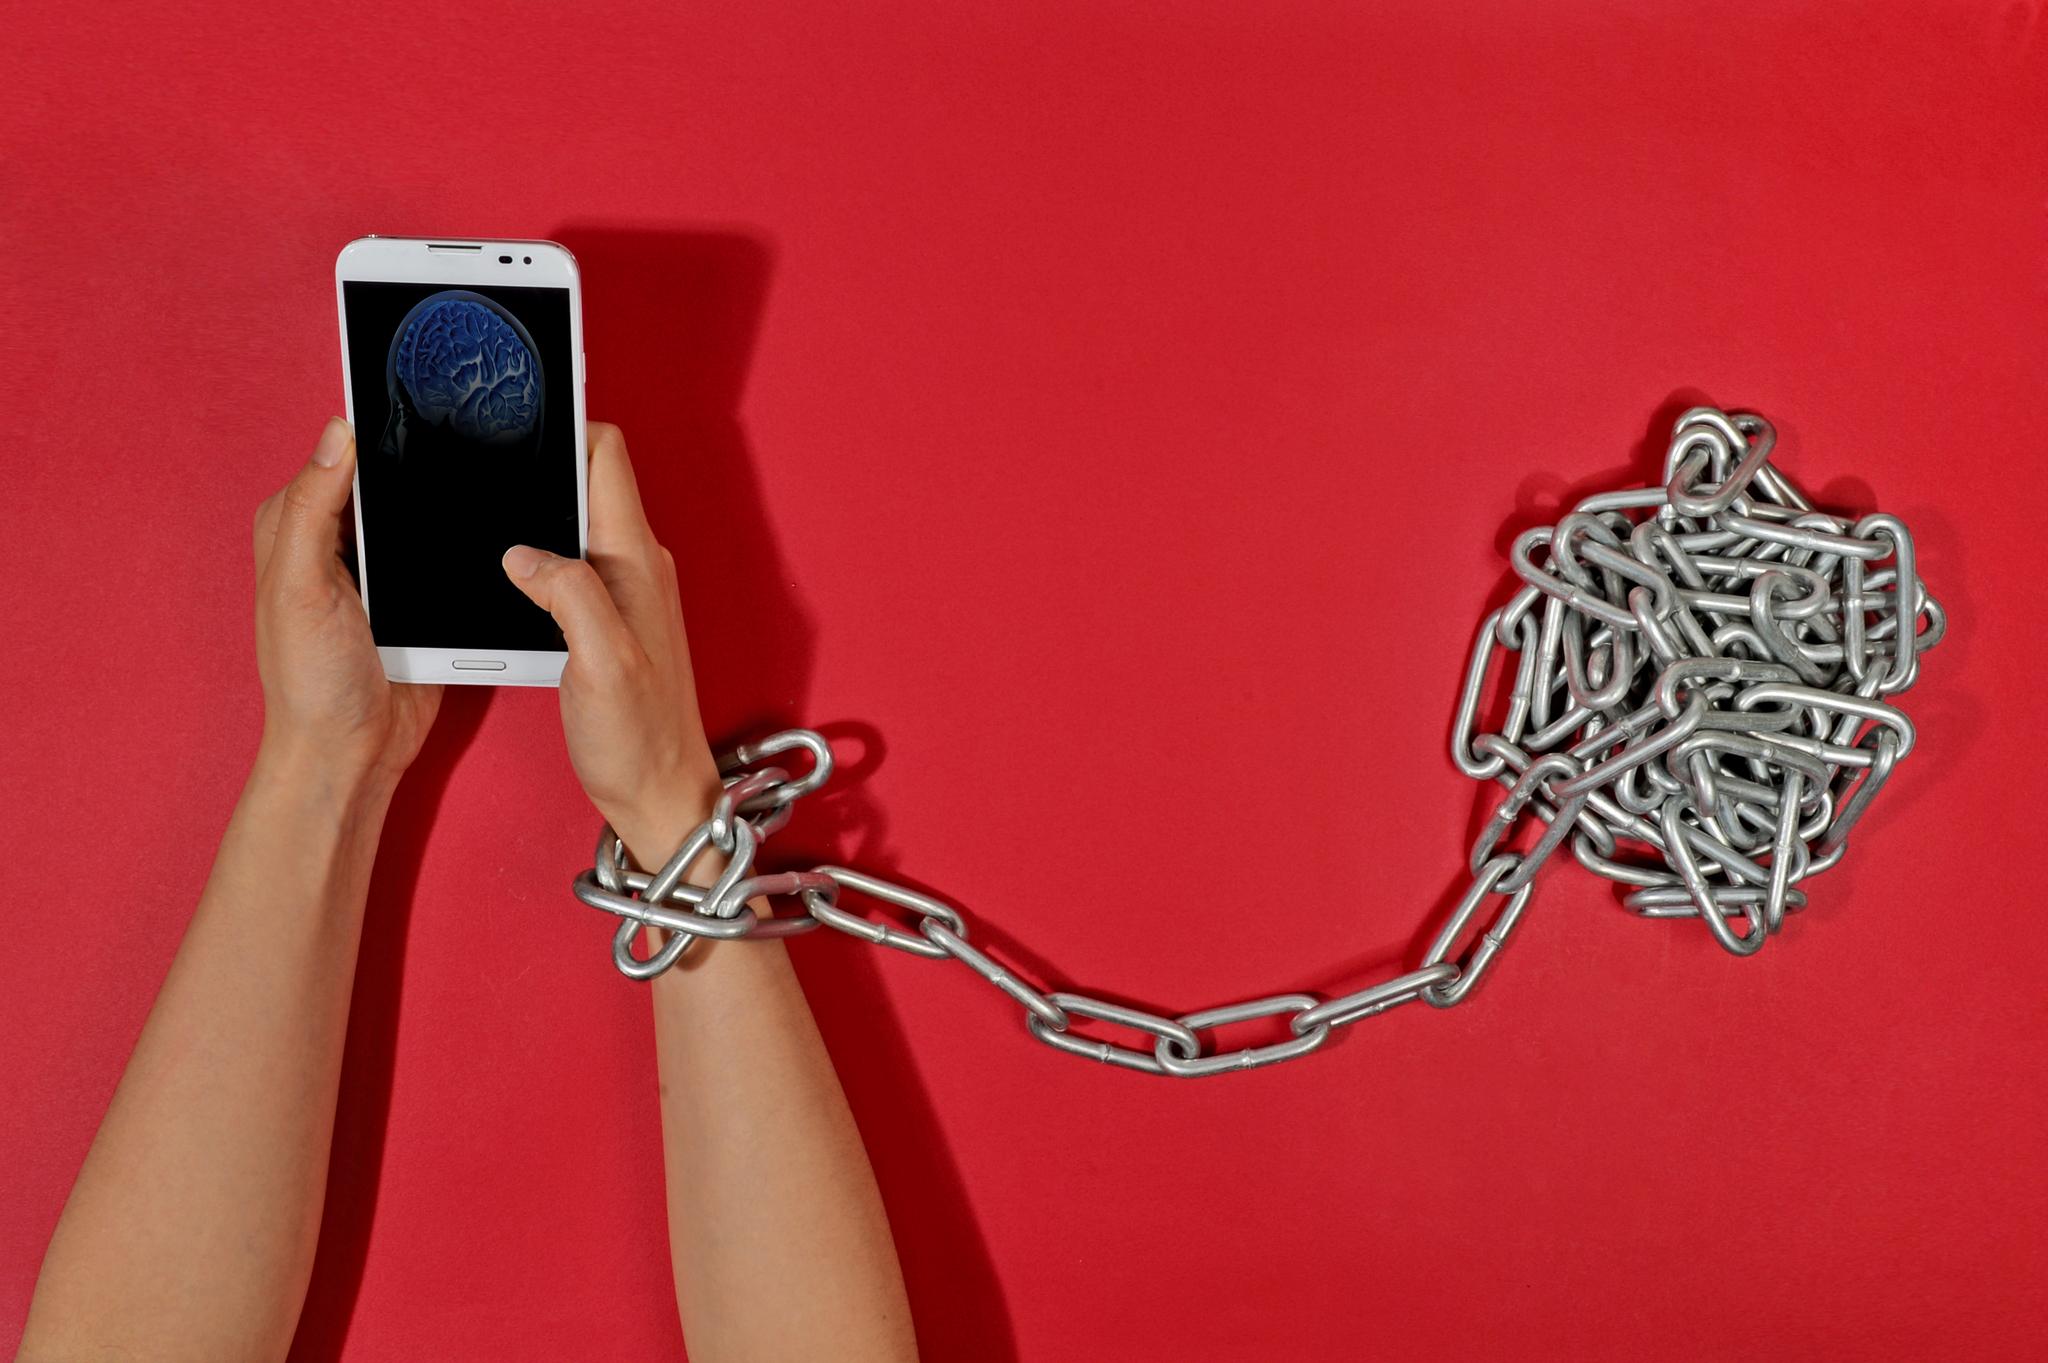 스마트폰만 들여다보고 대화가 단절된 부모 자녀들이 많다. [중앙DB]